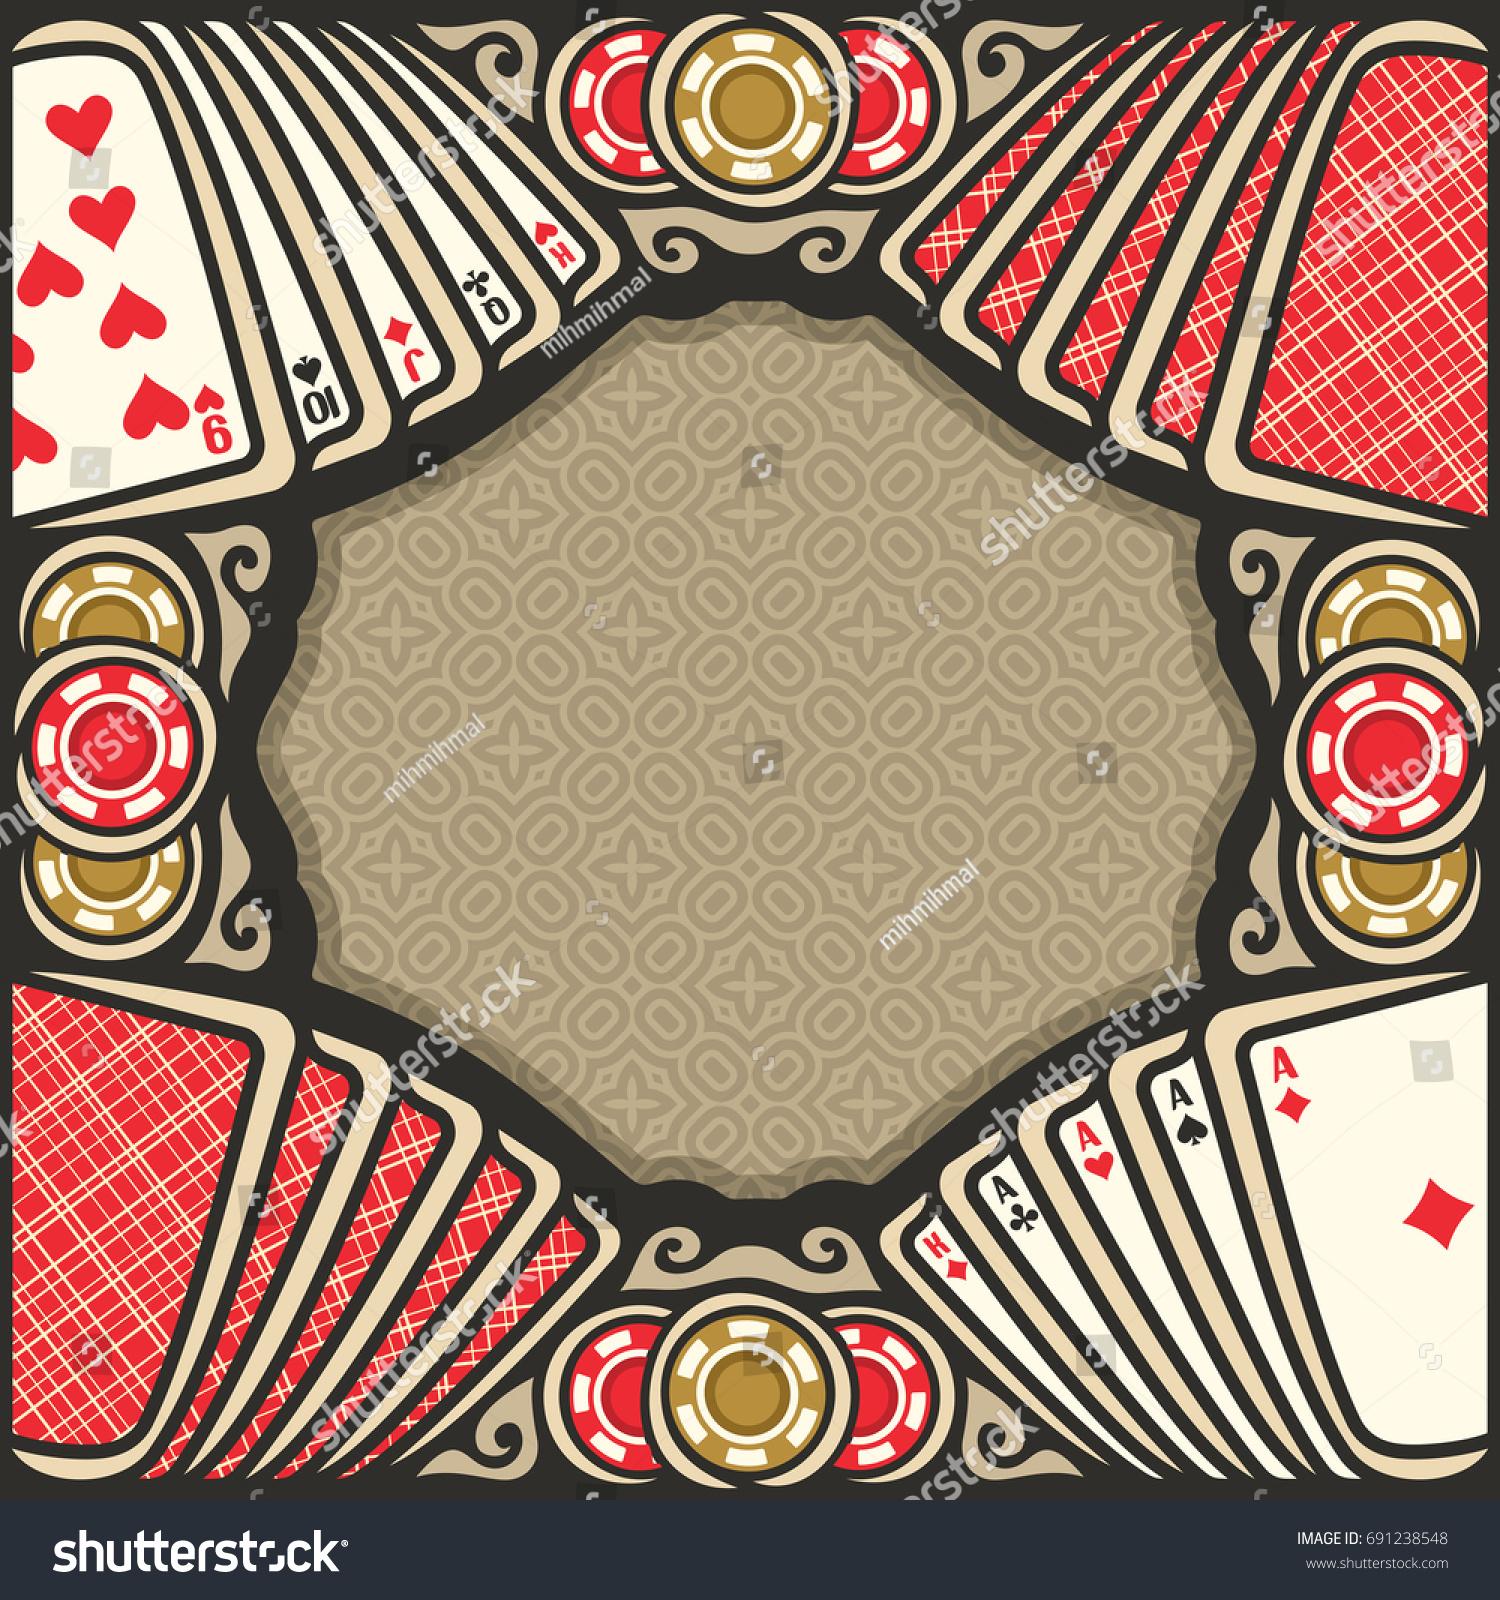 Gambling theme sleeping dogs gambling barge